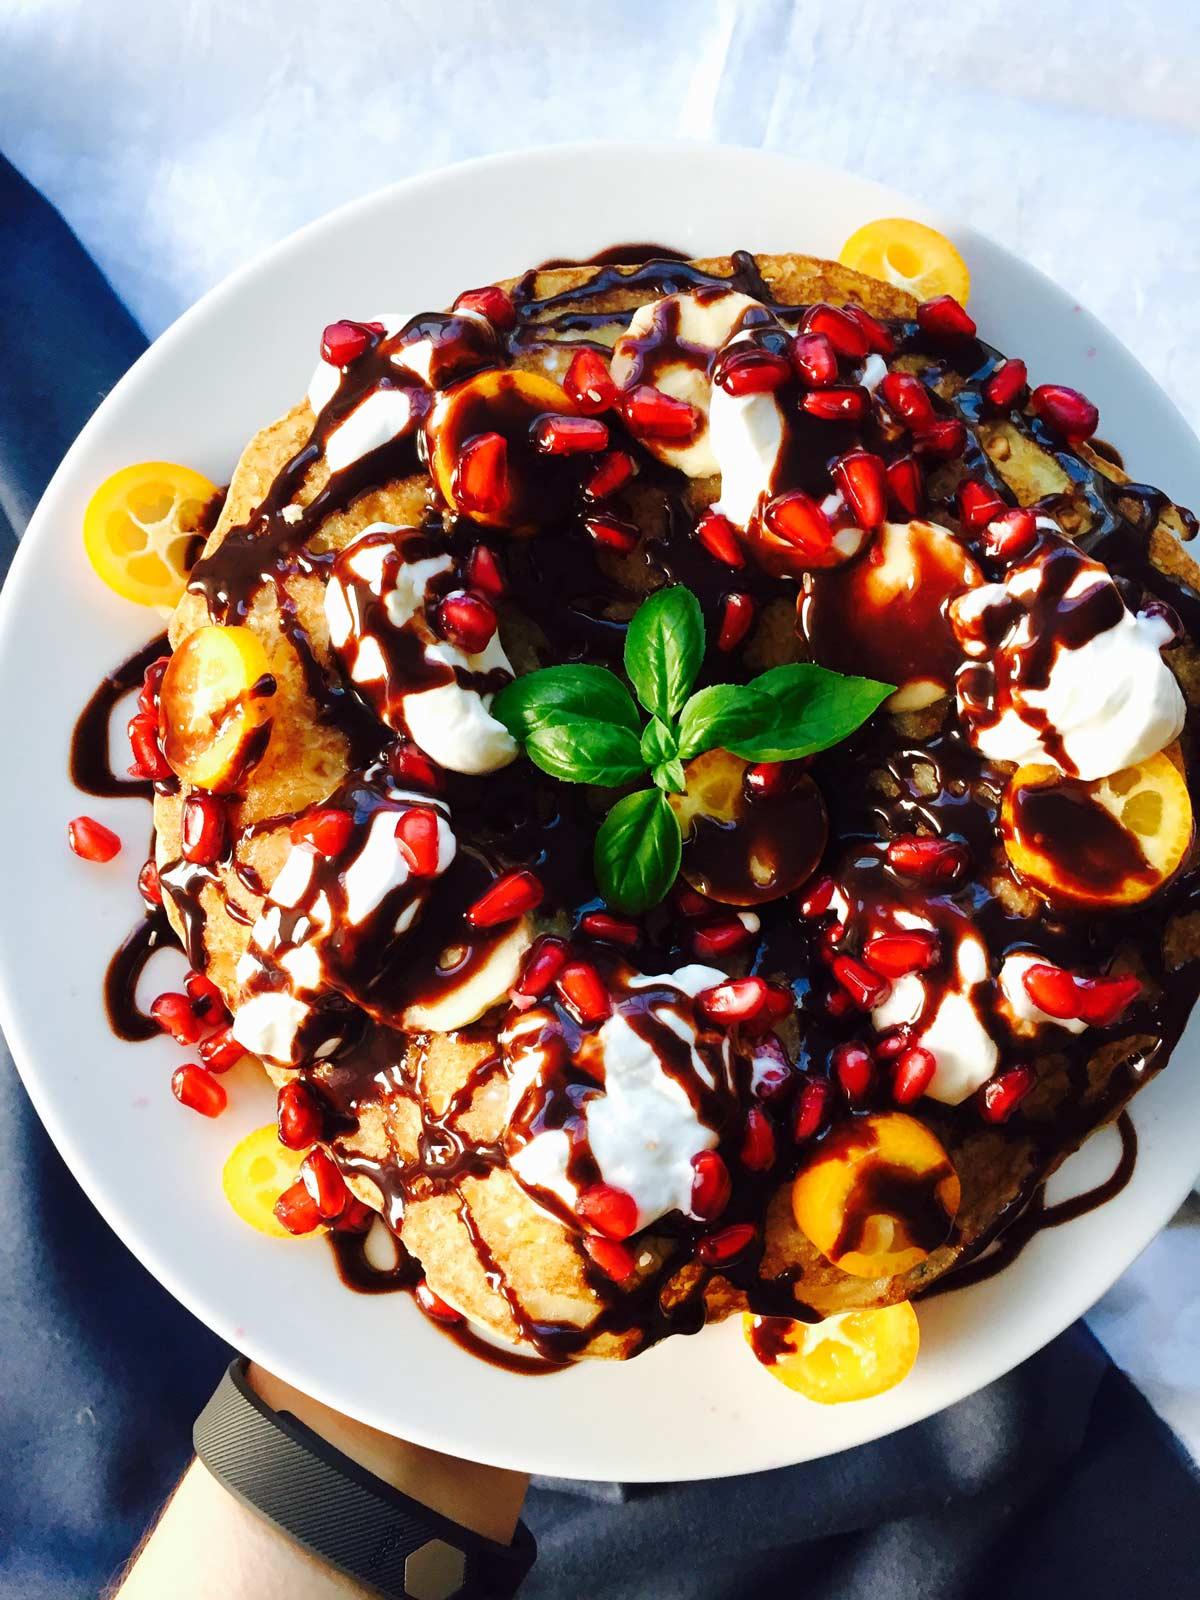 Tutti frutti fluffy pancake cake with fruits and crème boola-boola